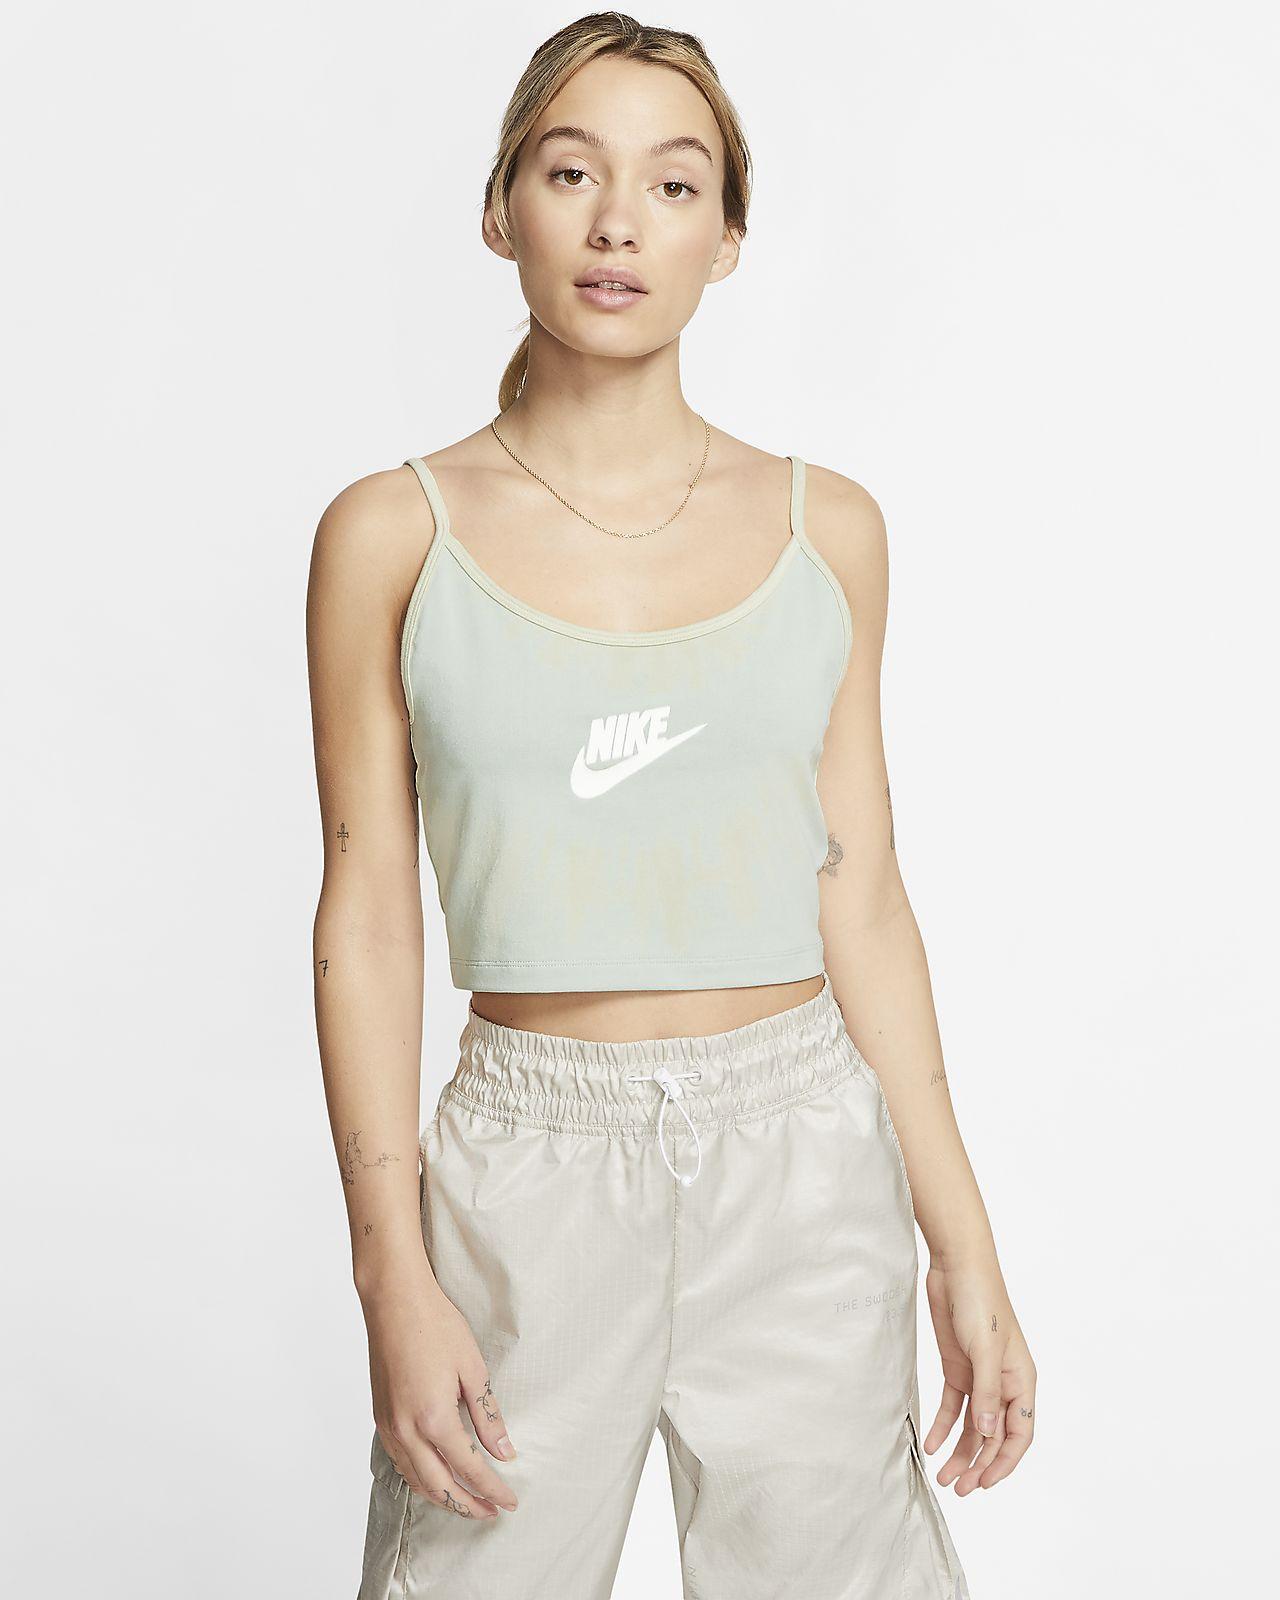 Nike Sportswear Women's Tie Dye Tank